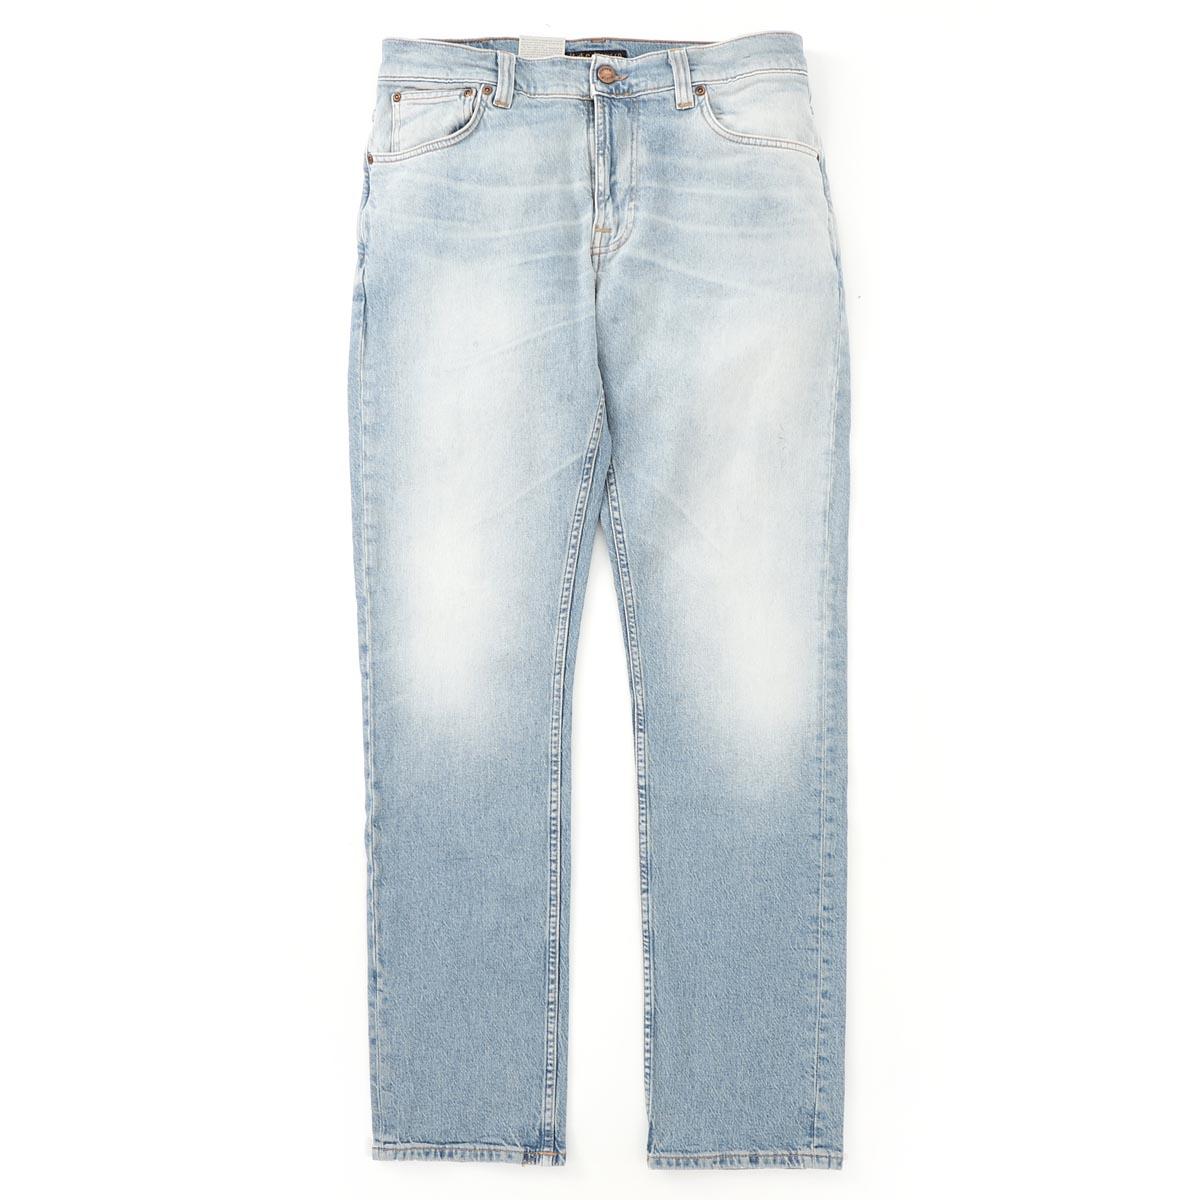 ヌーディージーンズ nudie jeans co ジップフライ ジーンズ ブルー メンズ lean dean 113280 Lean Dean レングス32【あす楽対応_関東】【返品送料無料】【ラッピング無料】